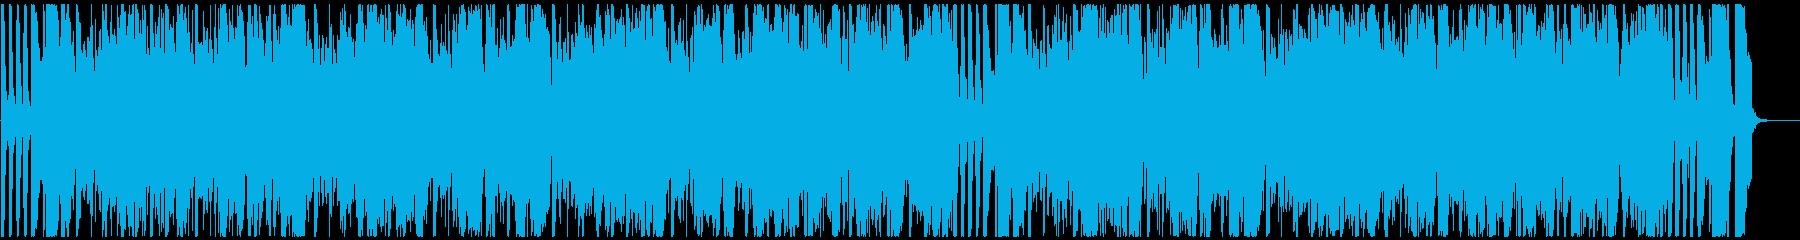 ファンキーなブラスのノリノリなファンクの再生済みの波形